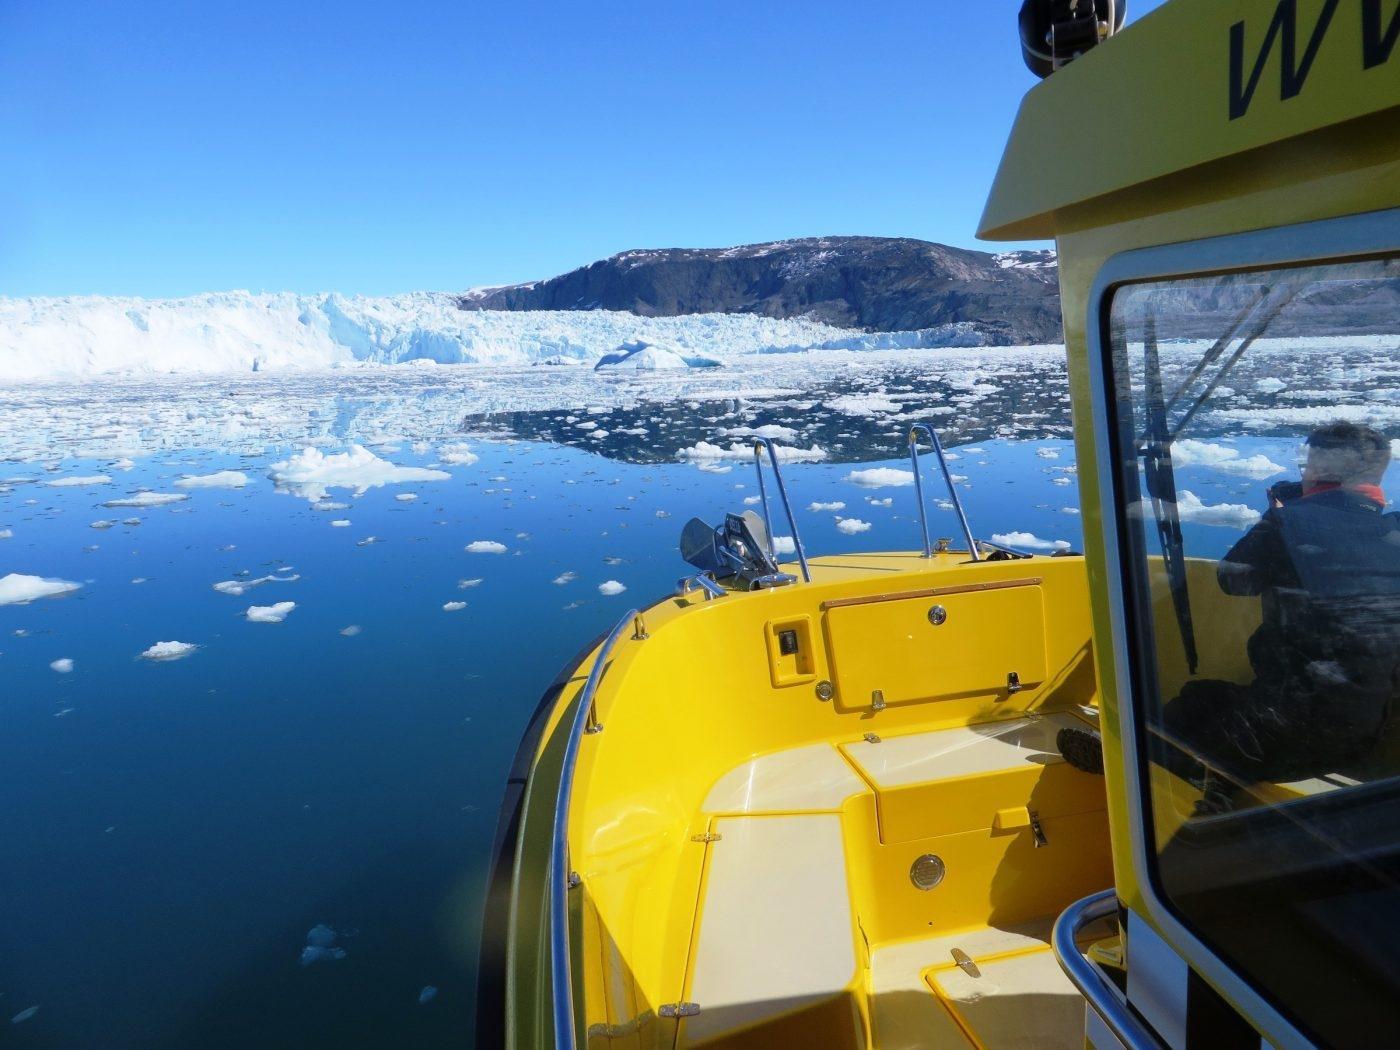 Greenland Water Taxi. Photo by Barbara Wang